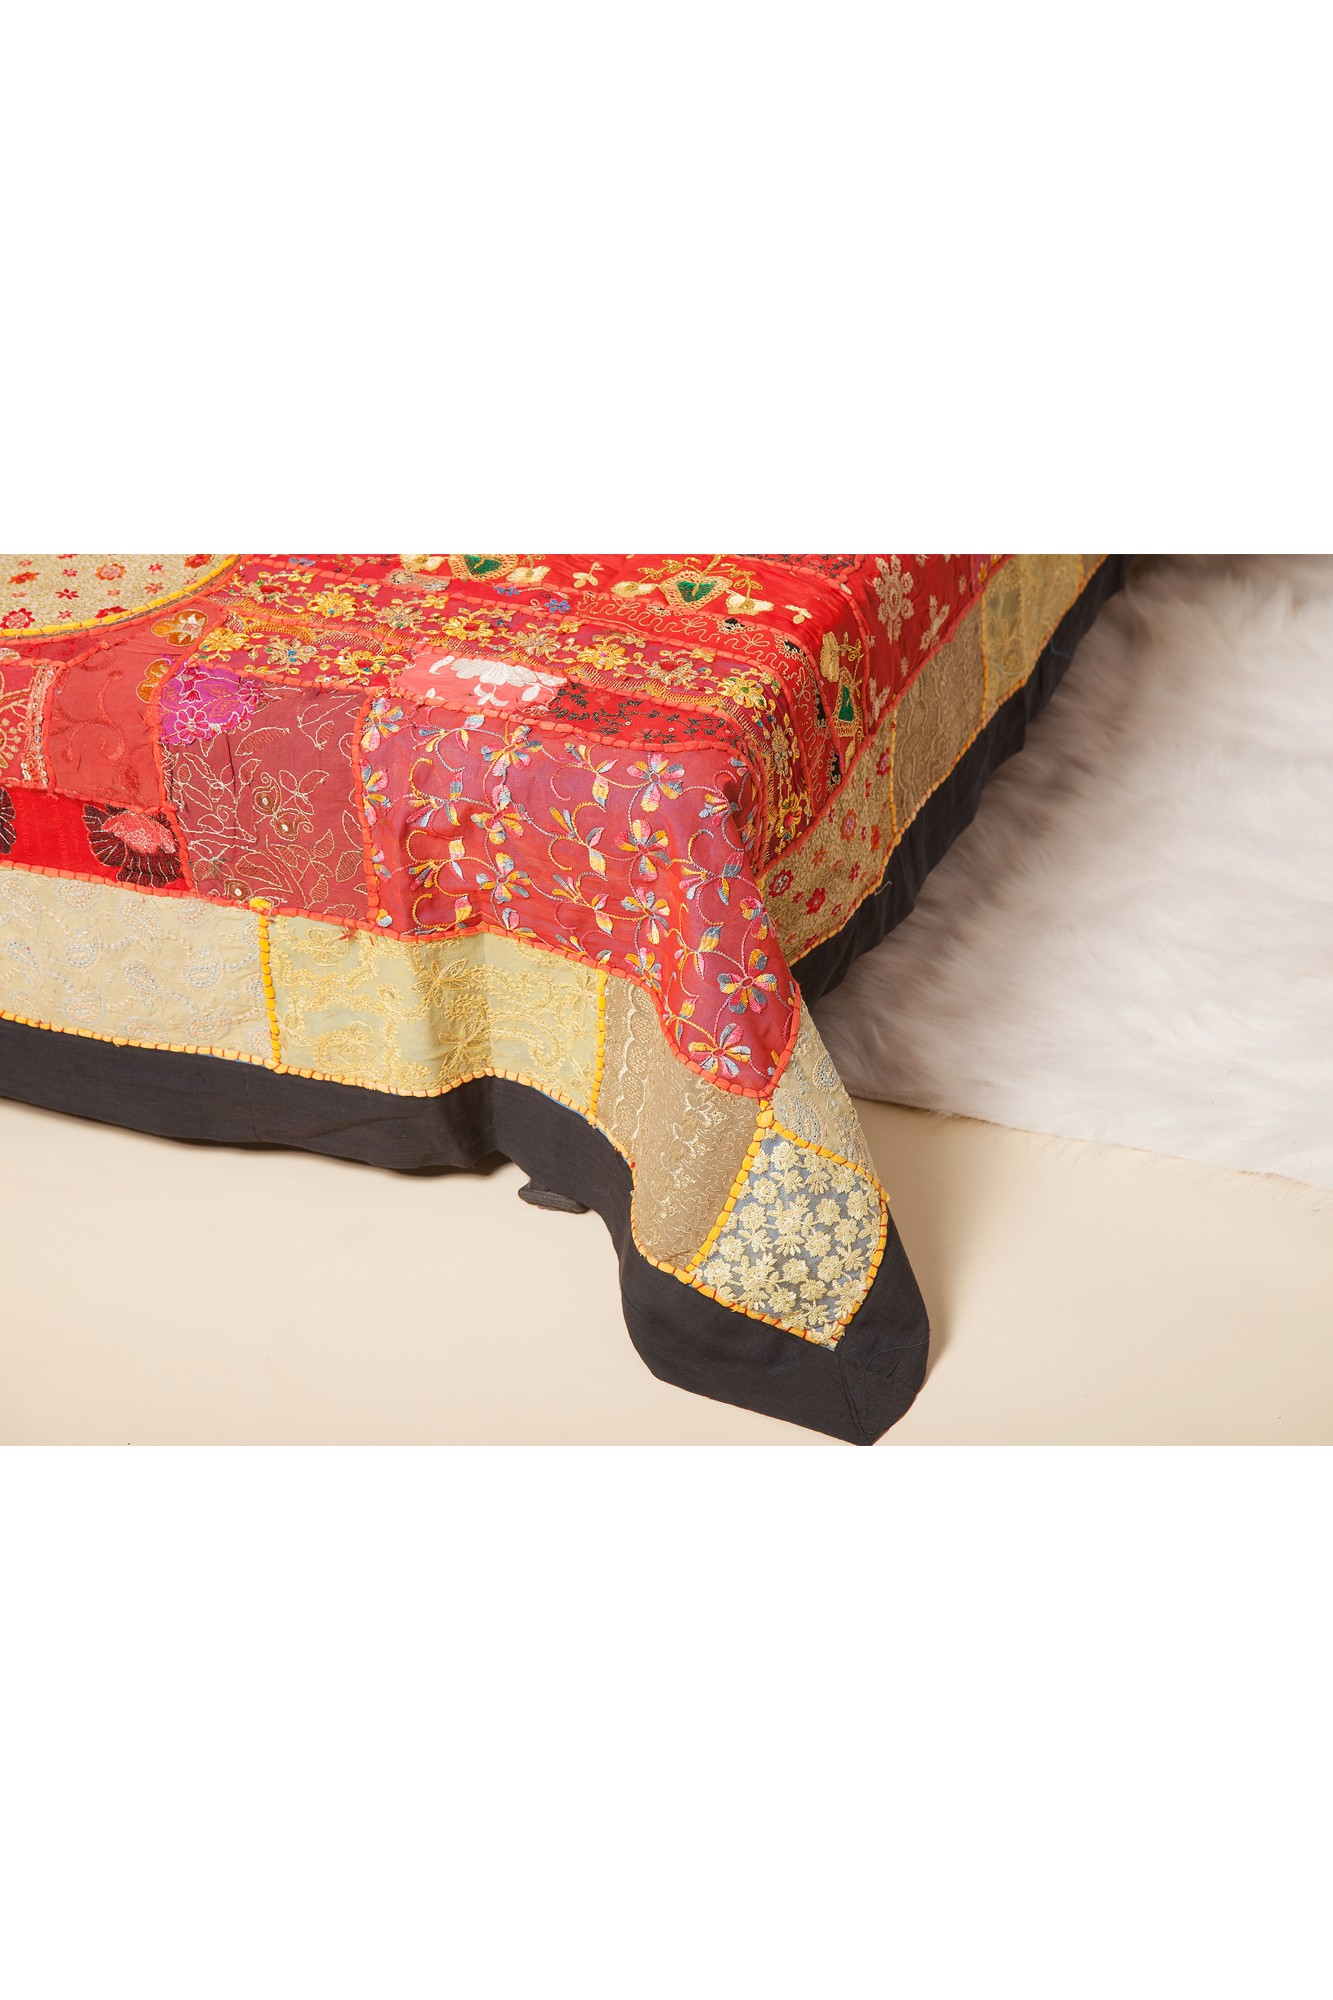 Cuvertura dubla caramizie cu elefant lucrata manual din sariuri